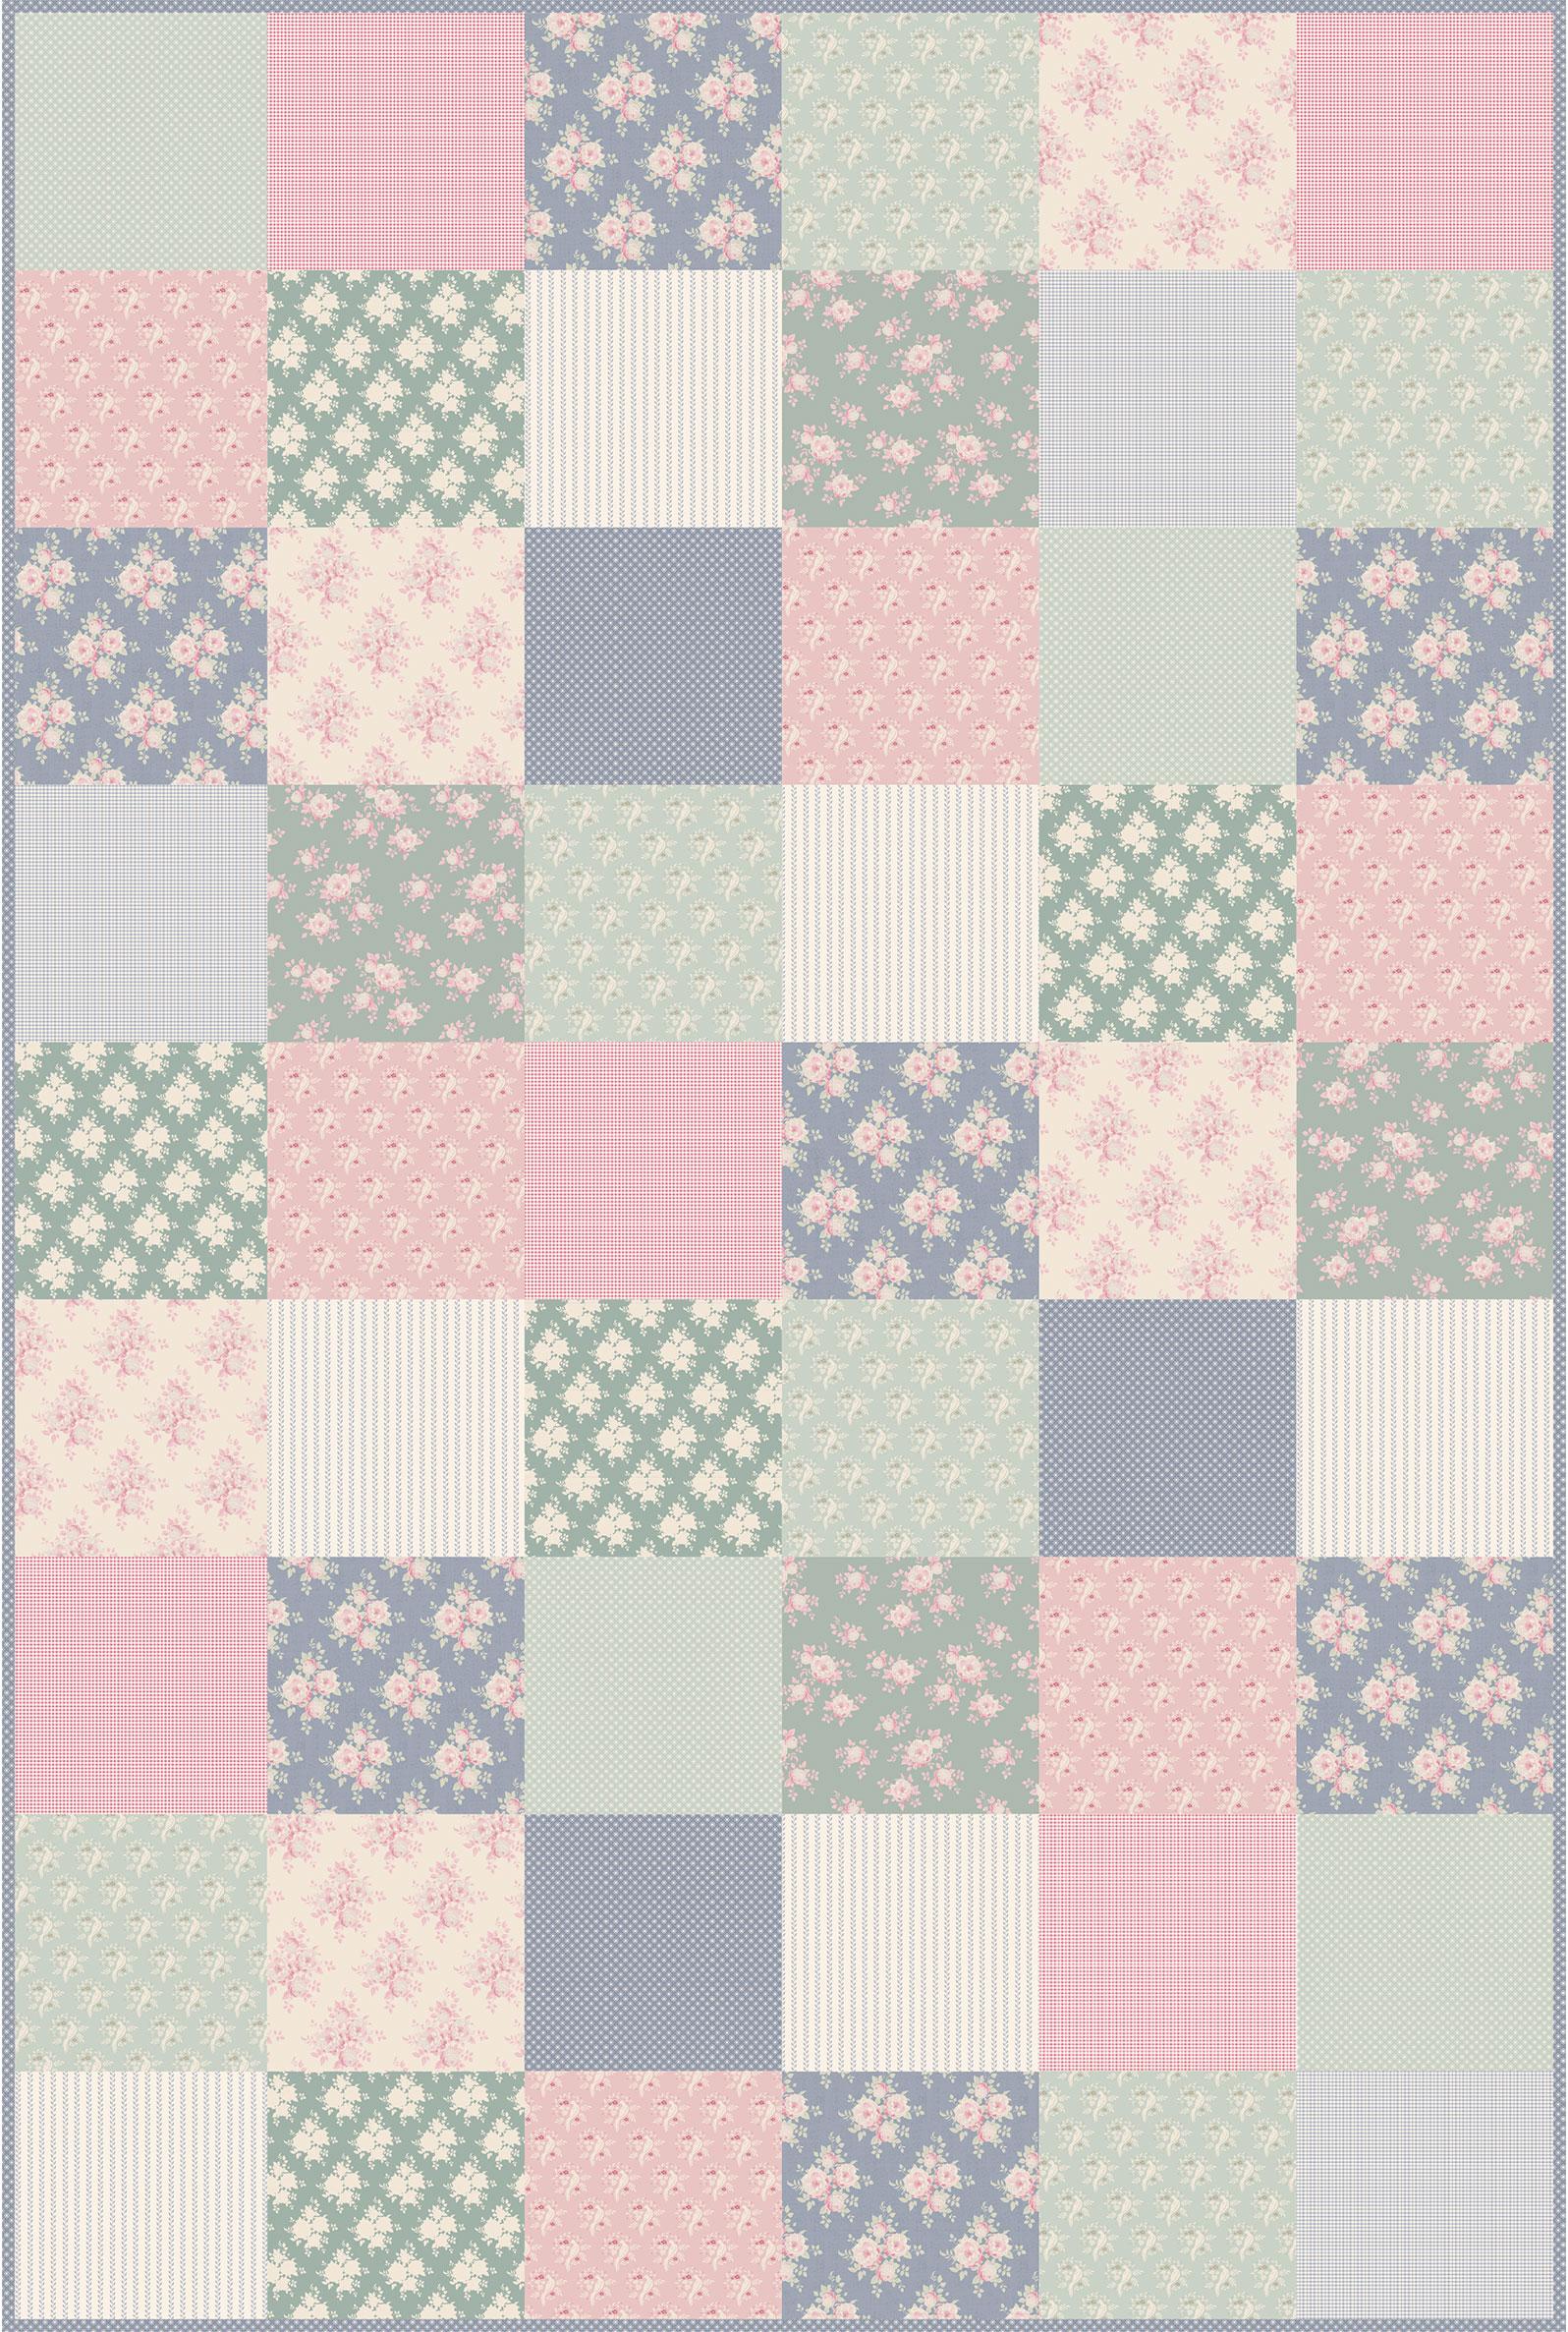 Summer-fair-quilt-1